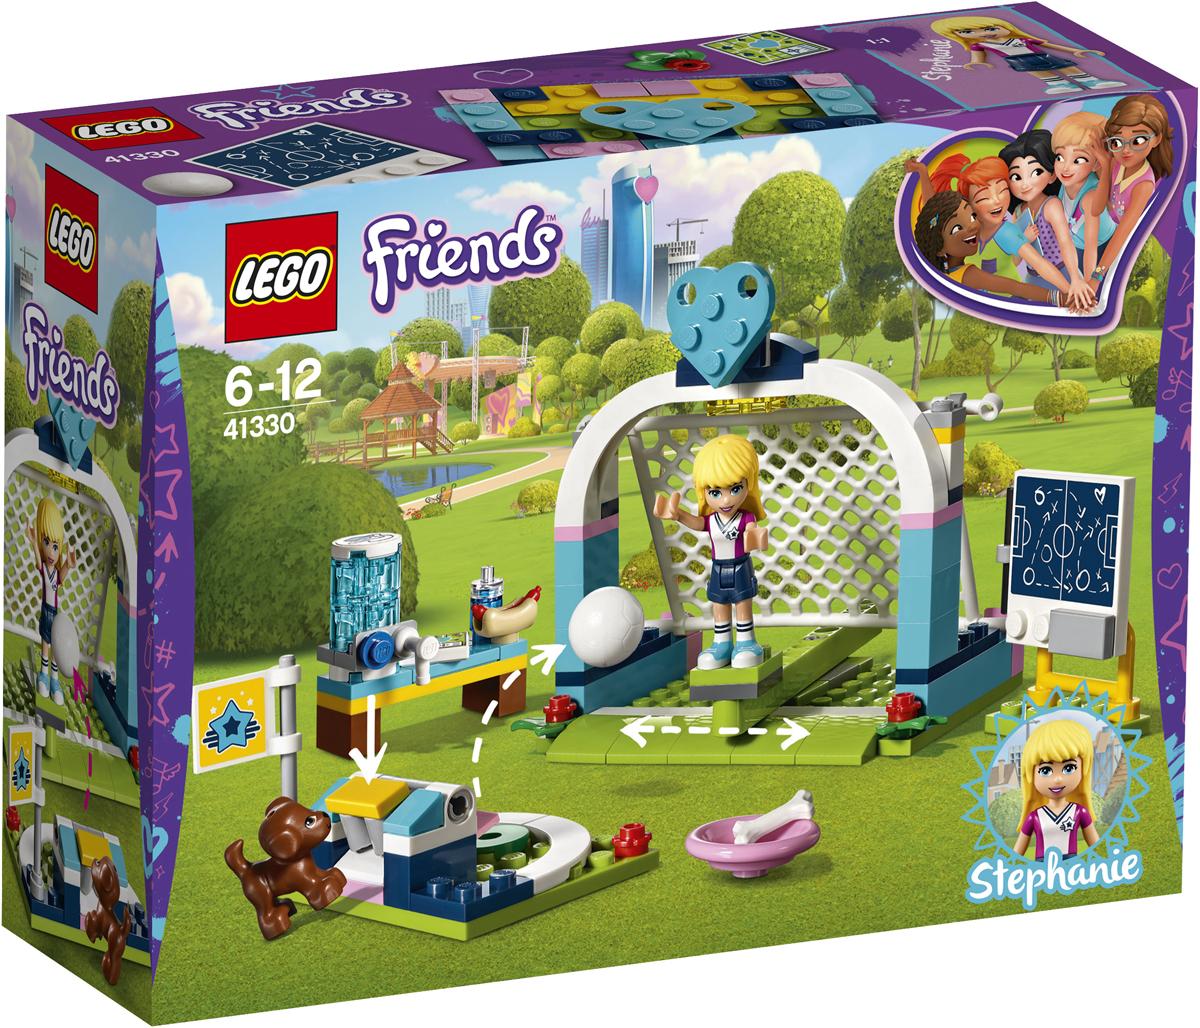 LEGO Friends 41330 Футбольная тренировка Стефани Конструктор ворота открывающиеся в сторону